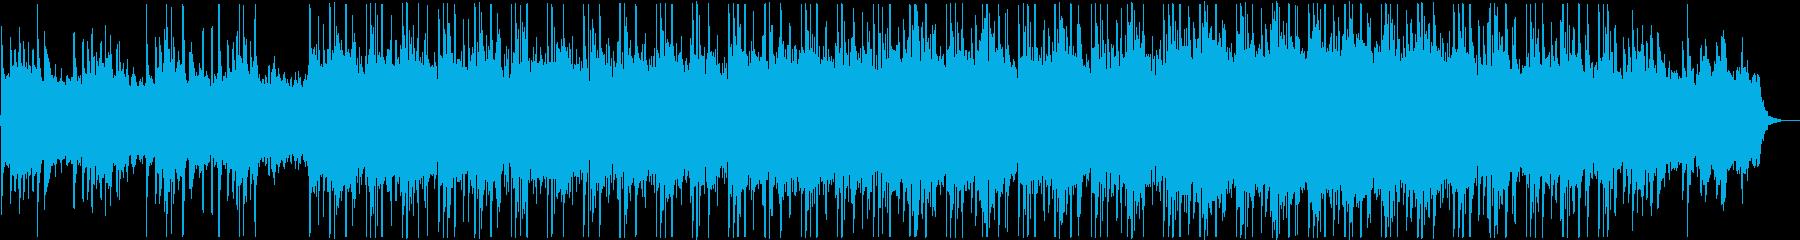 琴が幻想的な雰囲気の和風チルステップの再生済みの波形